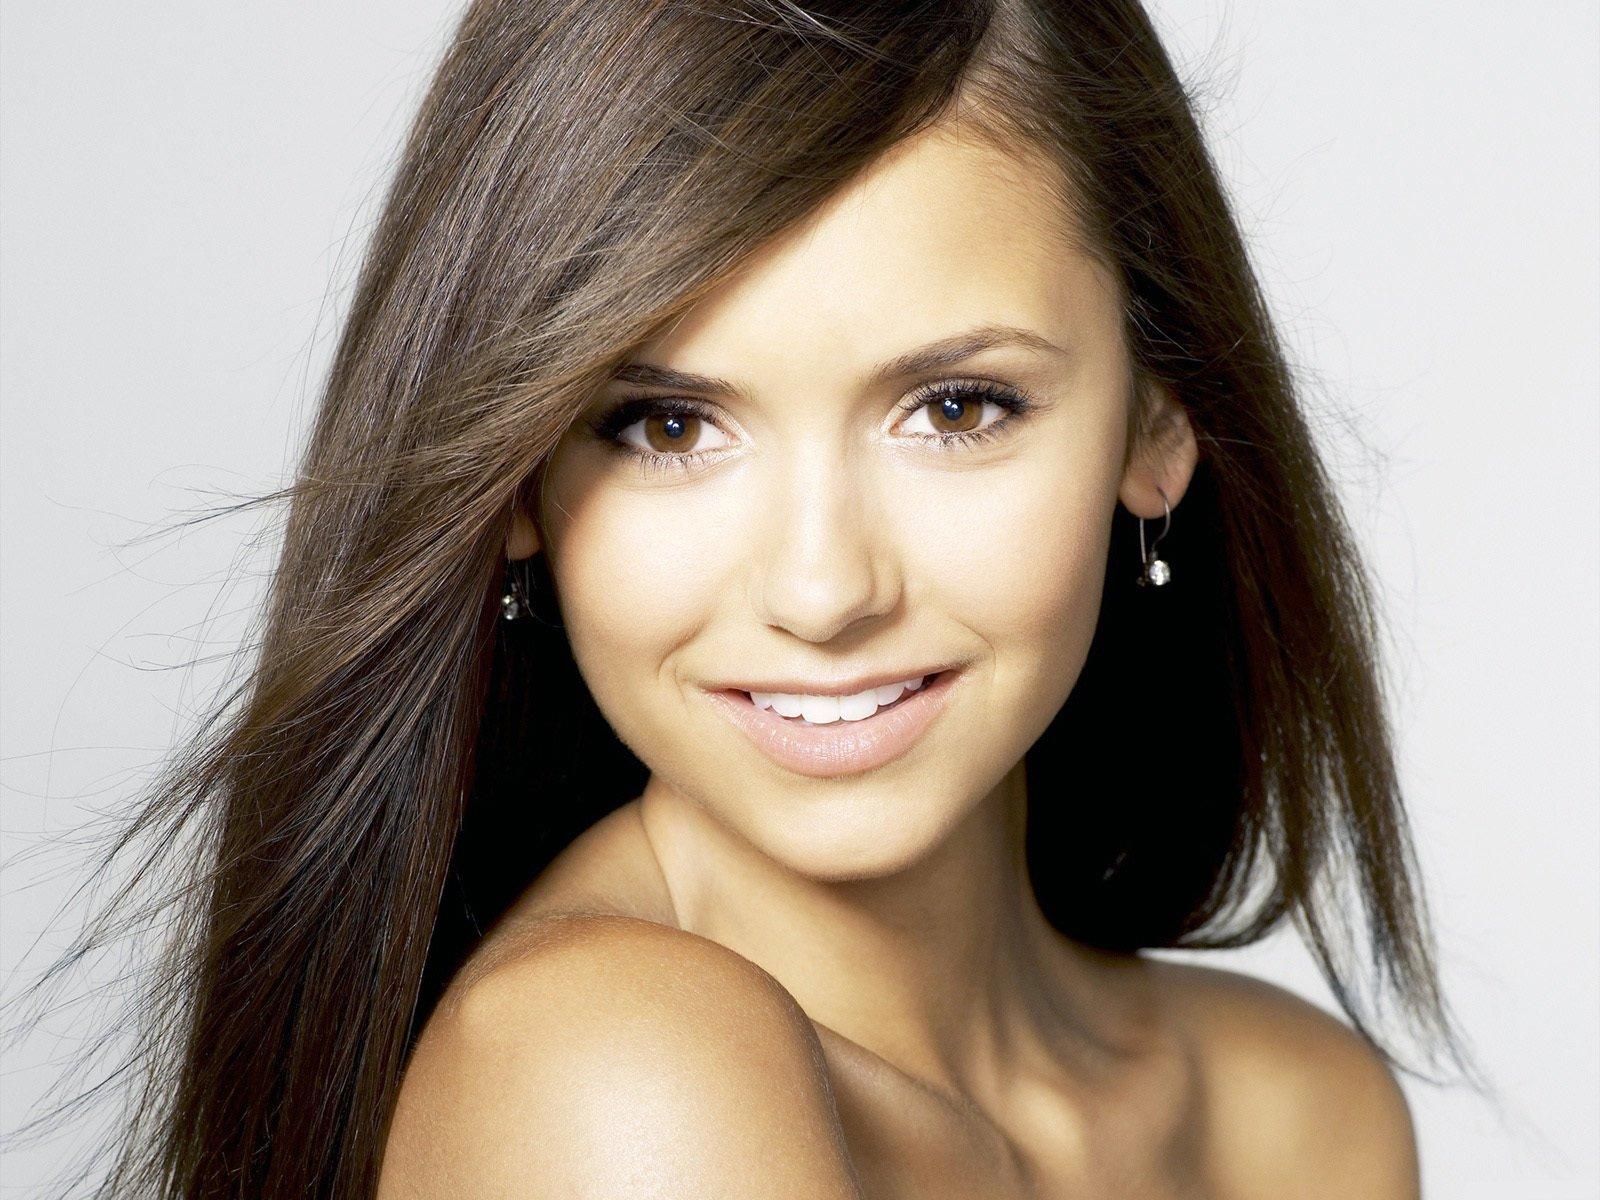 Сами красивая девушки мира фотографии 17 фотография